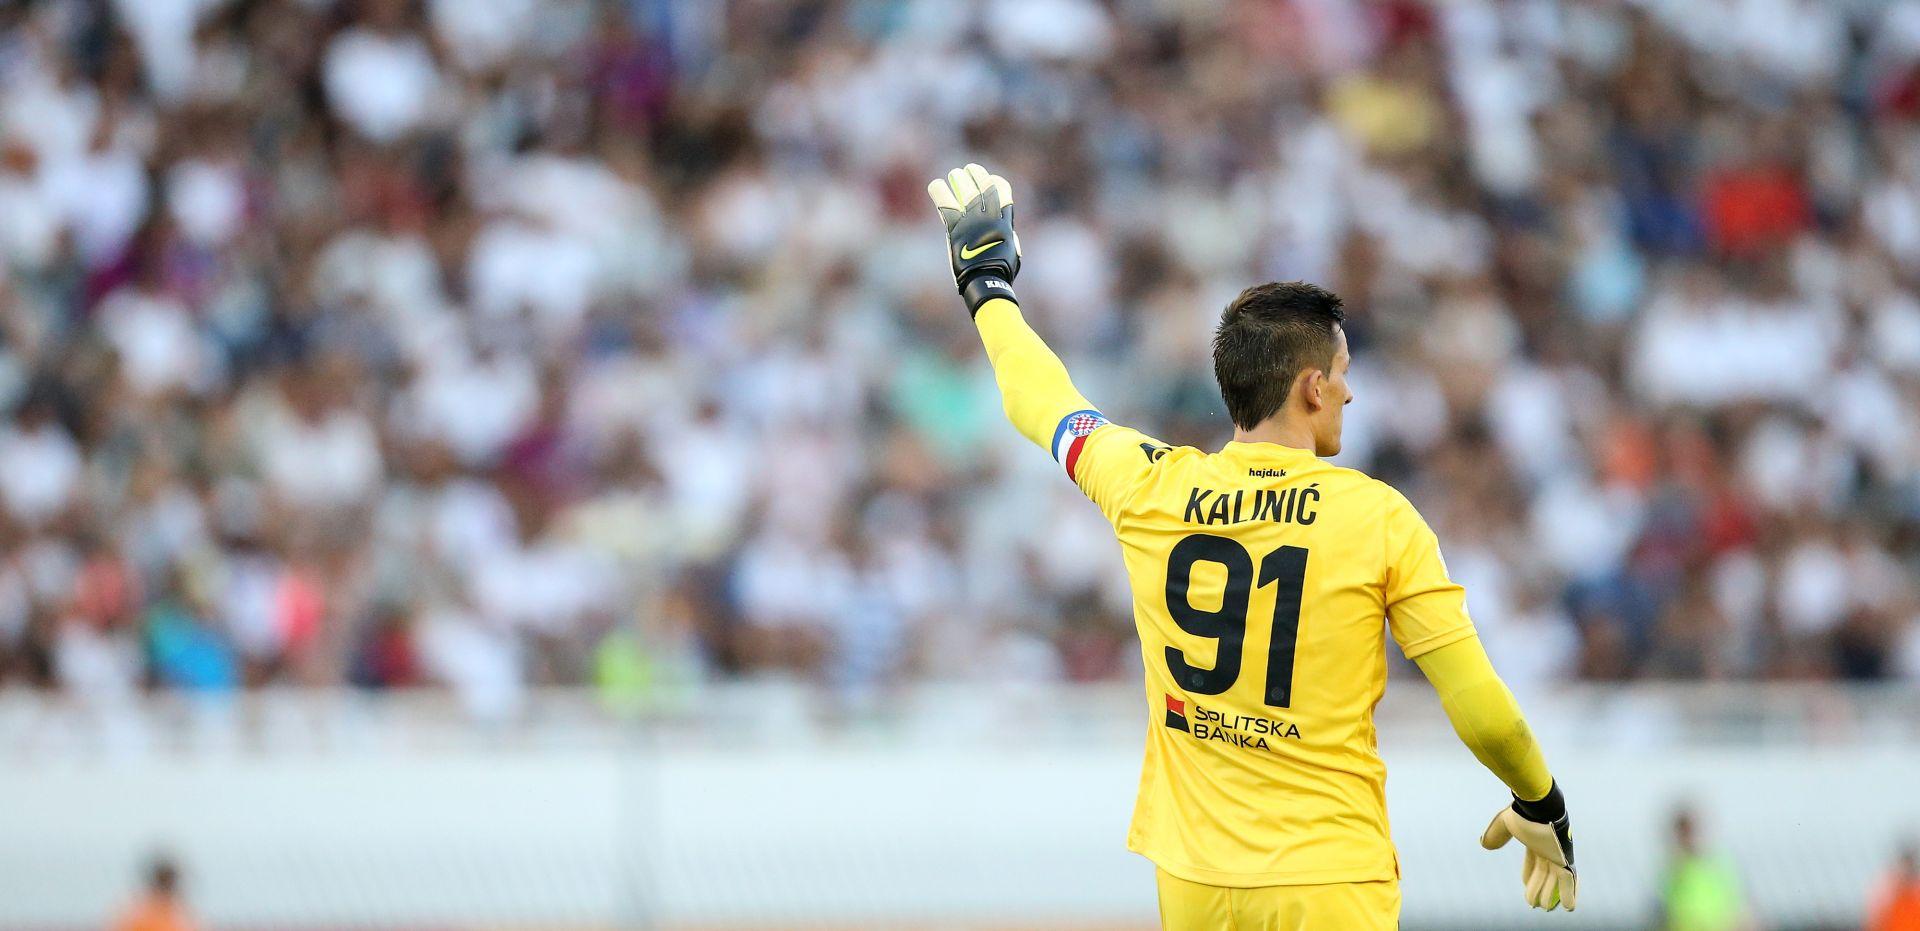 Lovre Kalinić potpisao novi ugovor, u Hajduku do 2021.